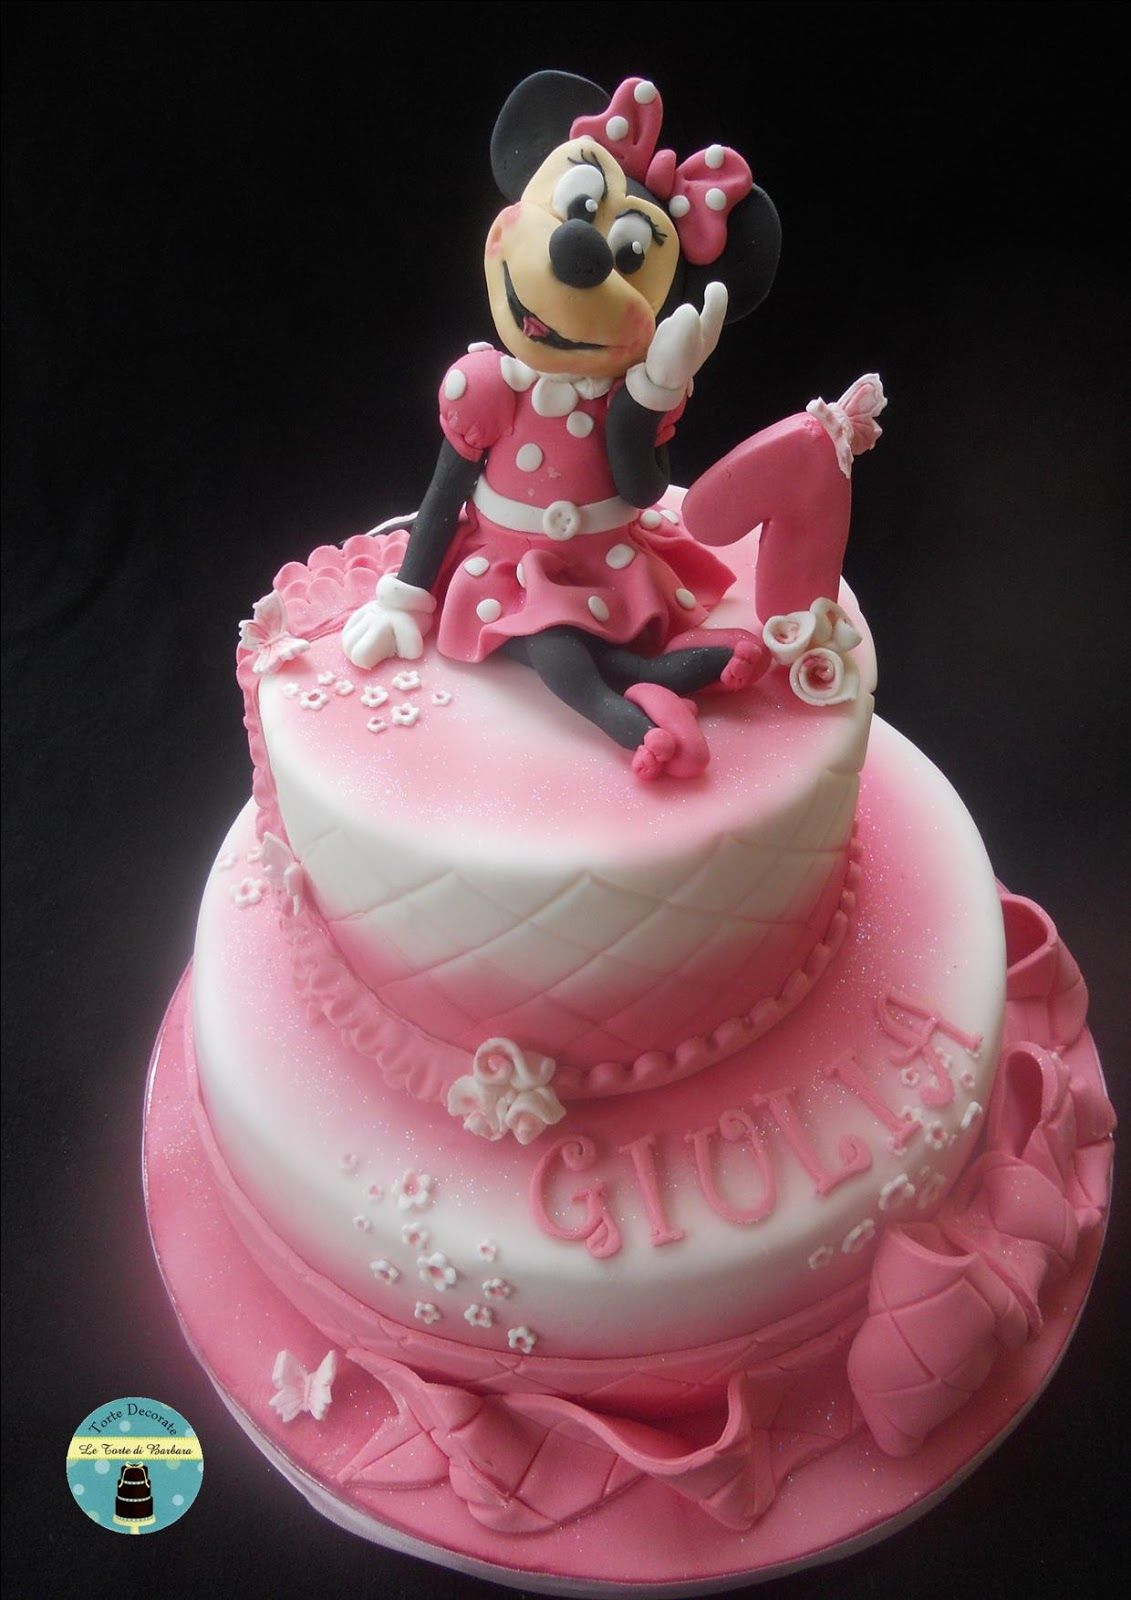 Le torte di barbara torta minnie per il primo compleanno for Idee per torta di compleanno